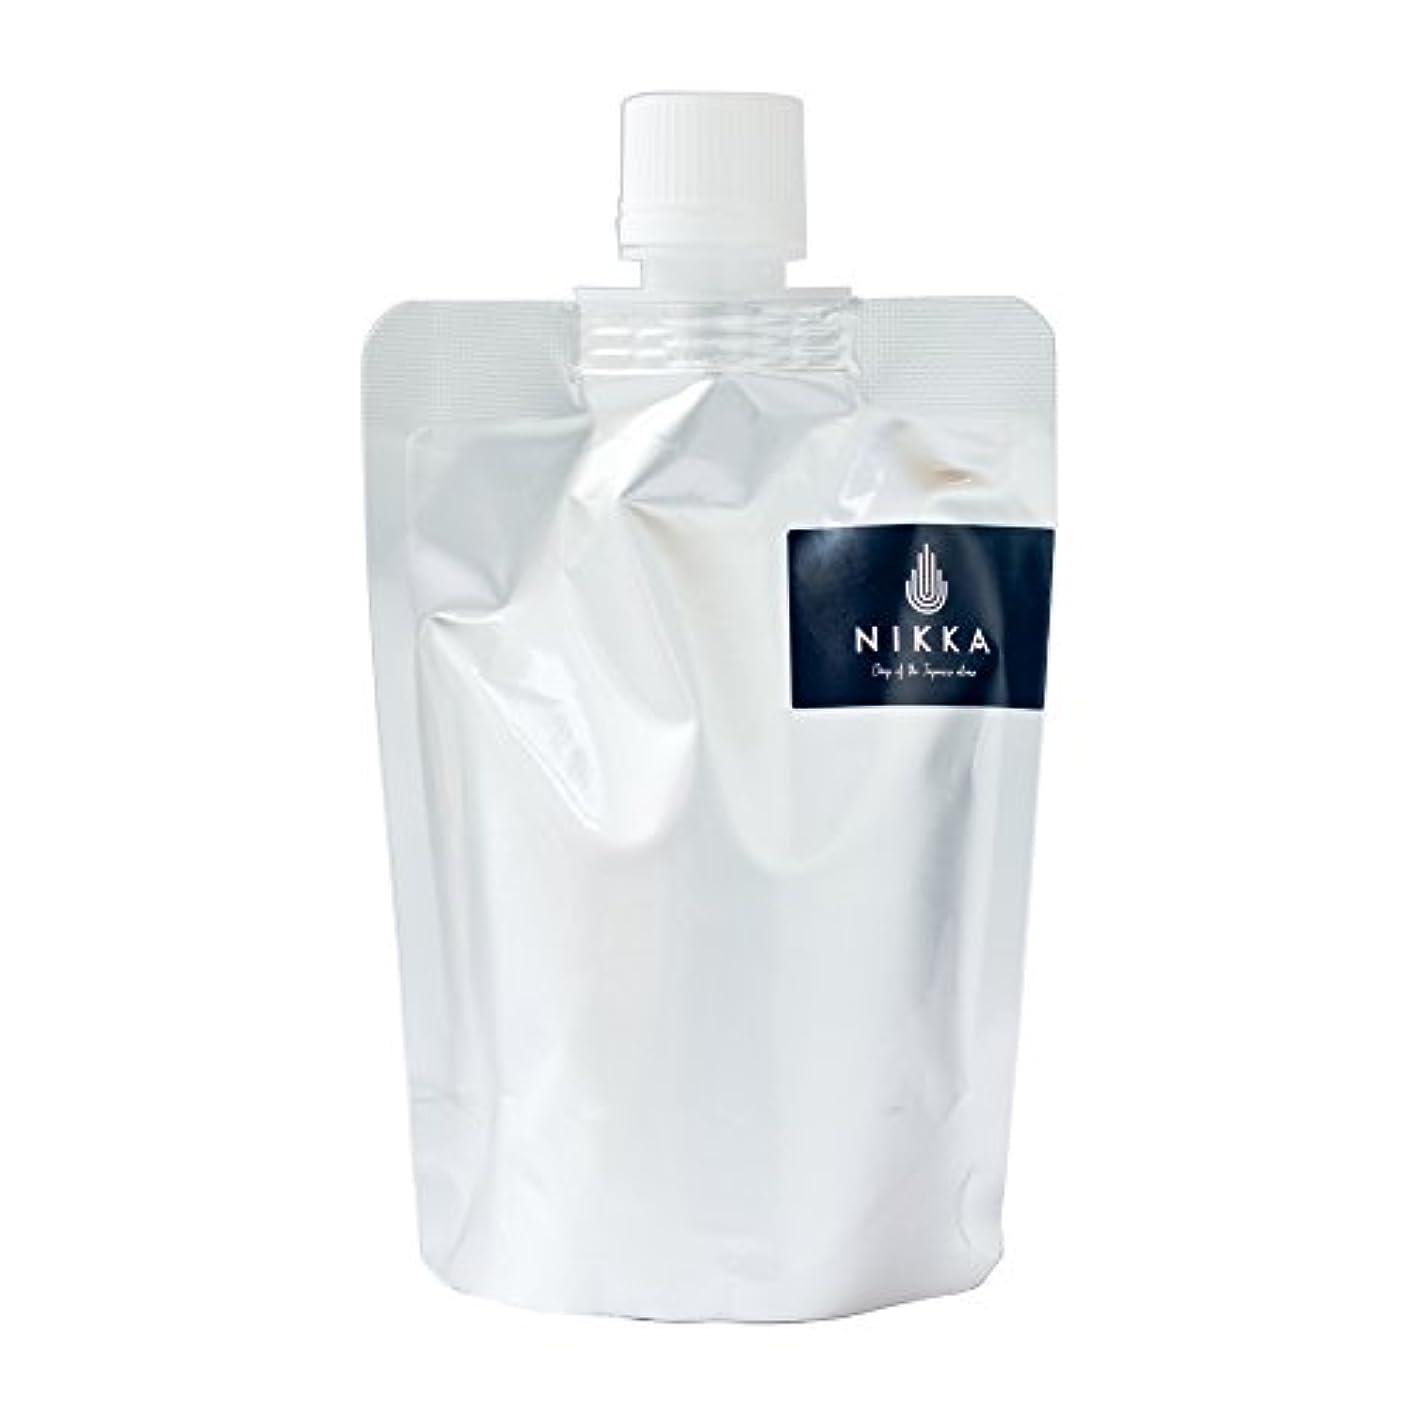 西効率的新しさNIKKA エッセンシャルオイル希釈液 ひのきしずく (パウチ詰替150ml)